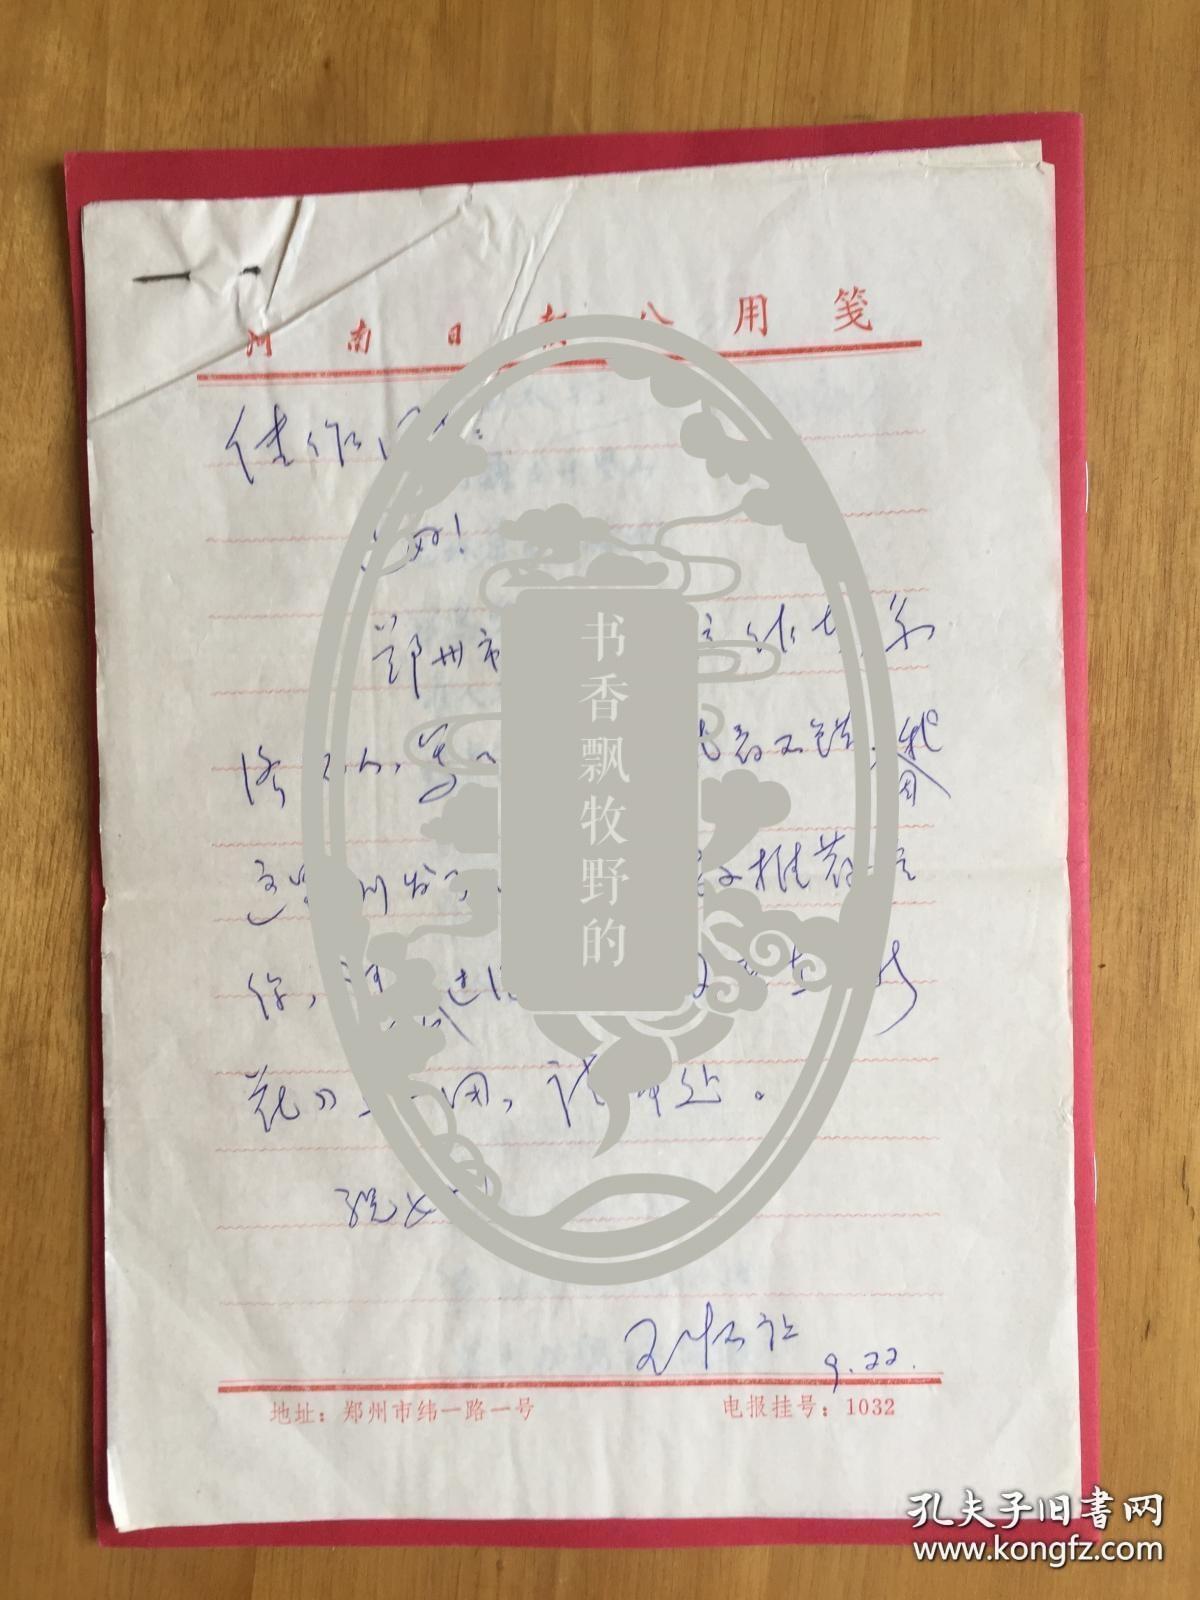 王怀让 信札,河南省作协副主席,  河南省诗歌学会会长